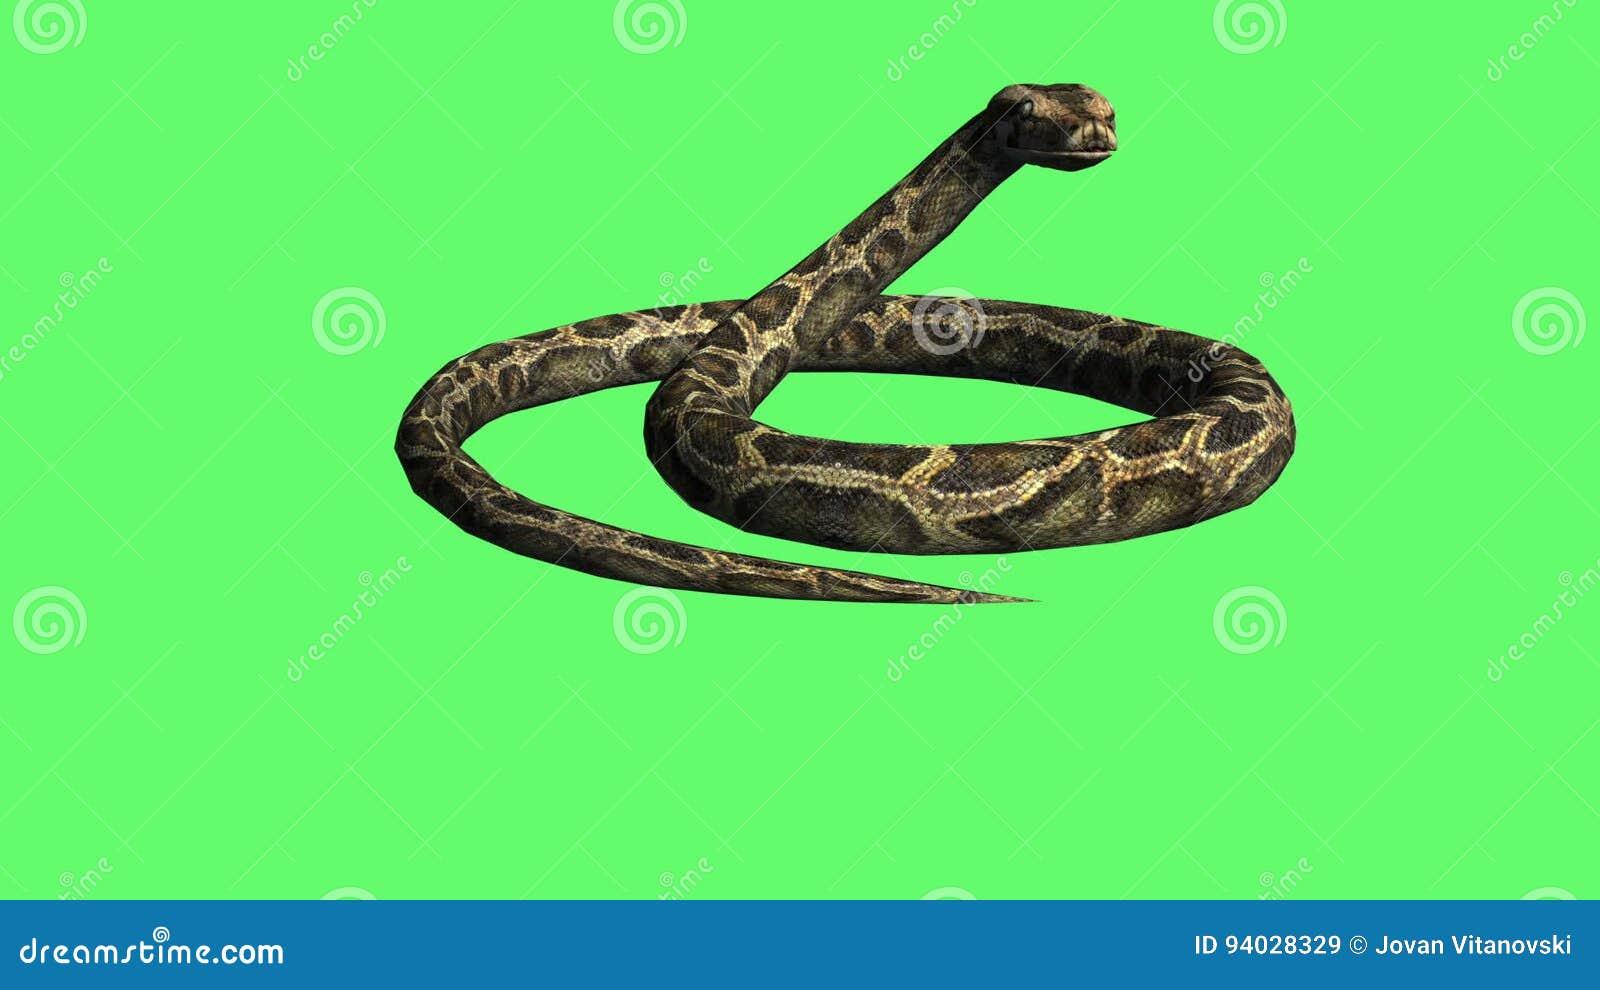 Serpiente - Arrastre Del Pitón En La Tierra - Pantalla Verde Animal ...